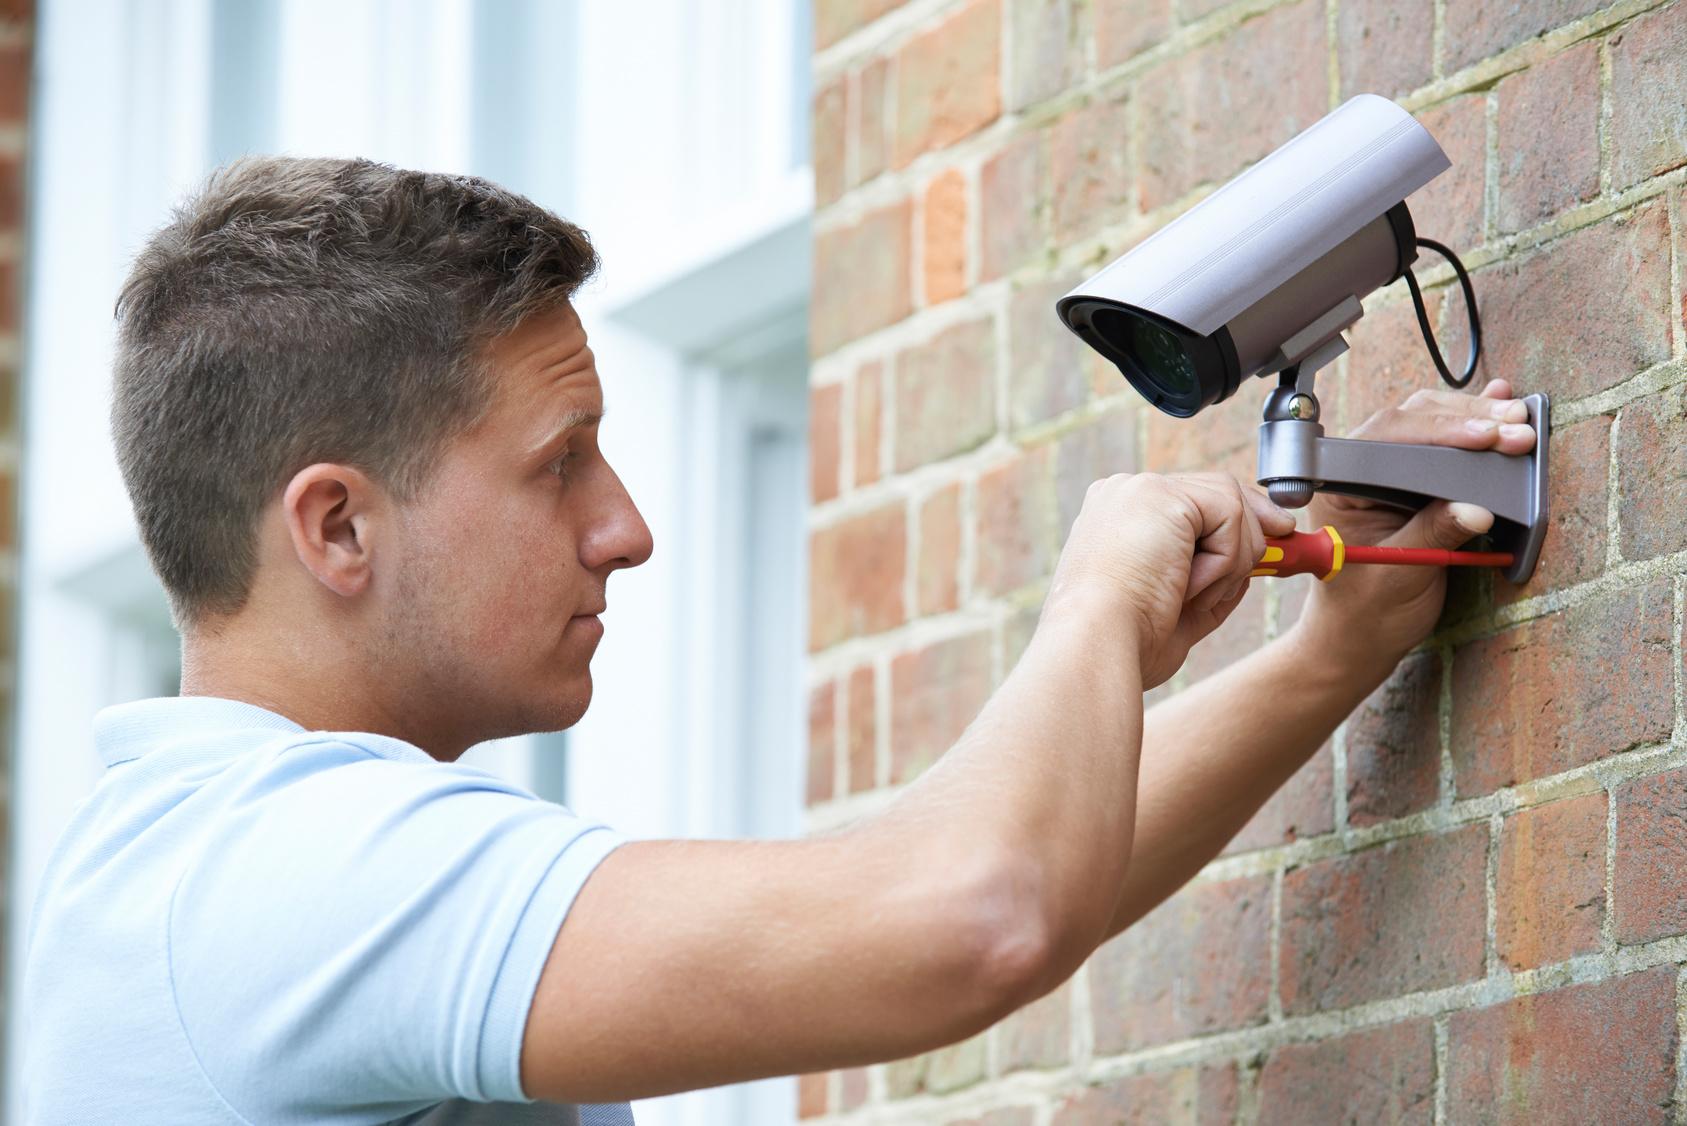 Comment protéger sa maison contre les cambriolages ?